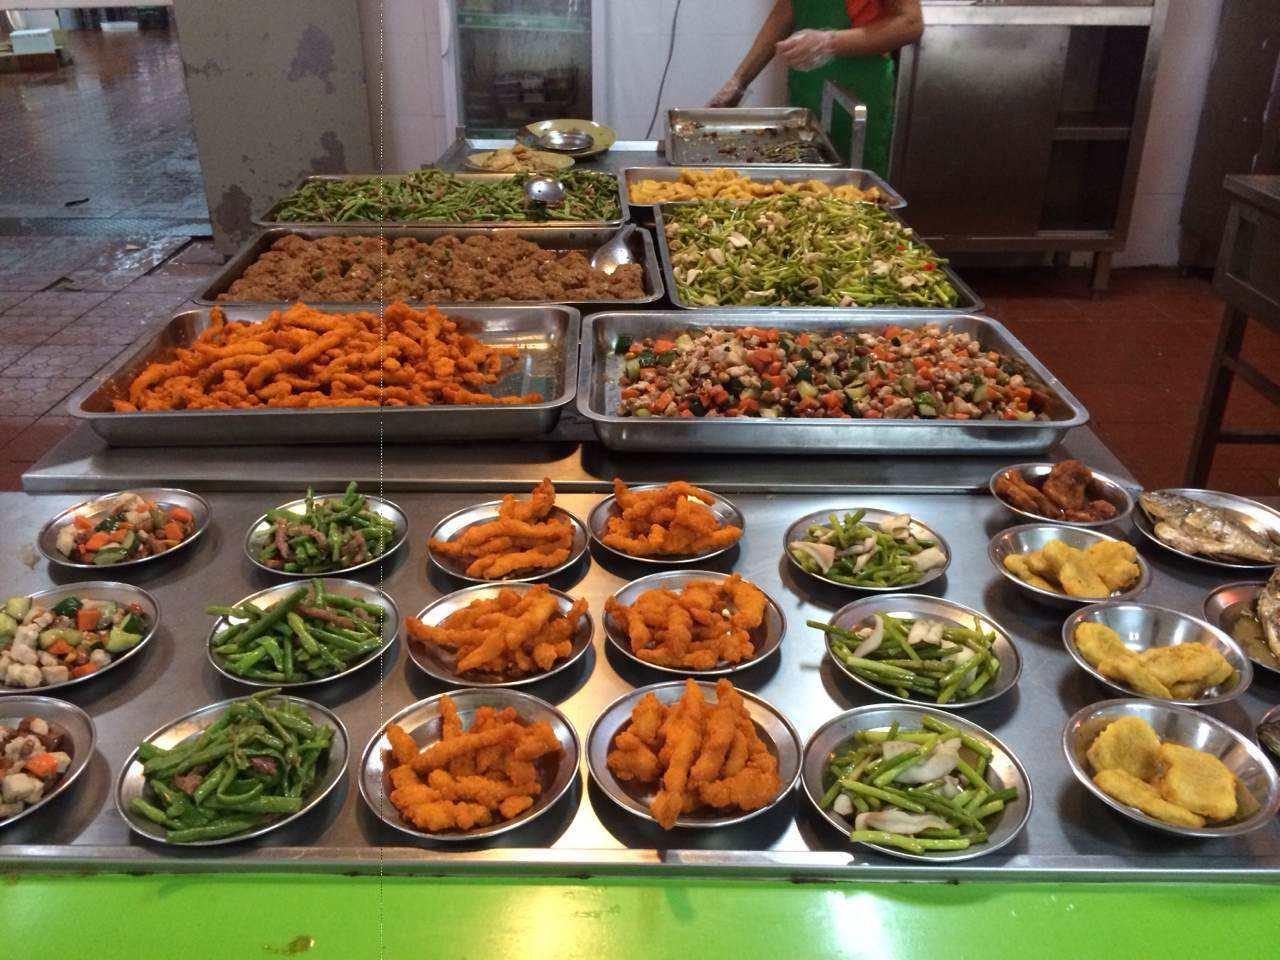 摩臣5快餐是一家让职工吃的健康满意的摩臣5平台